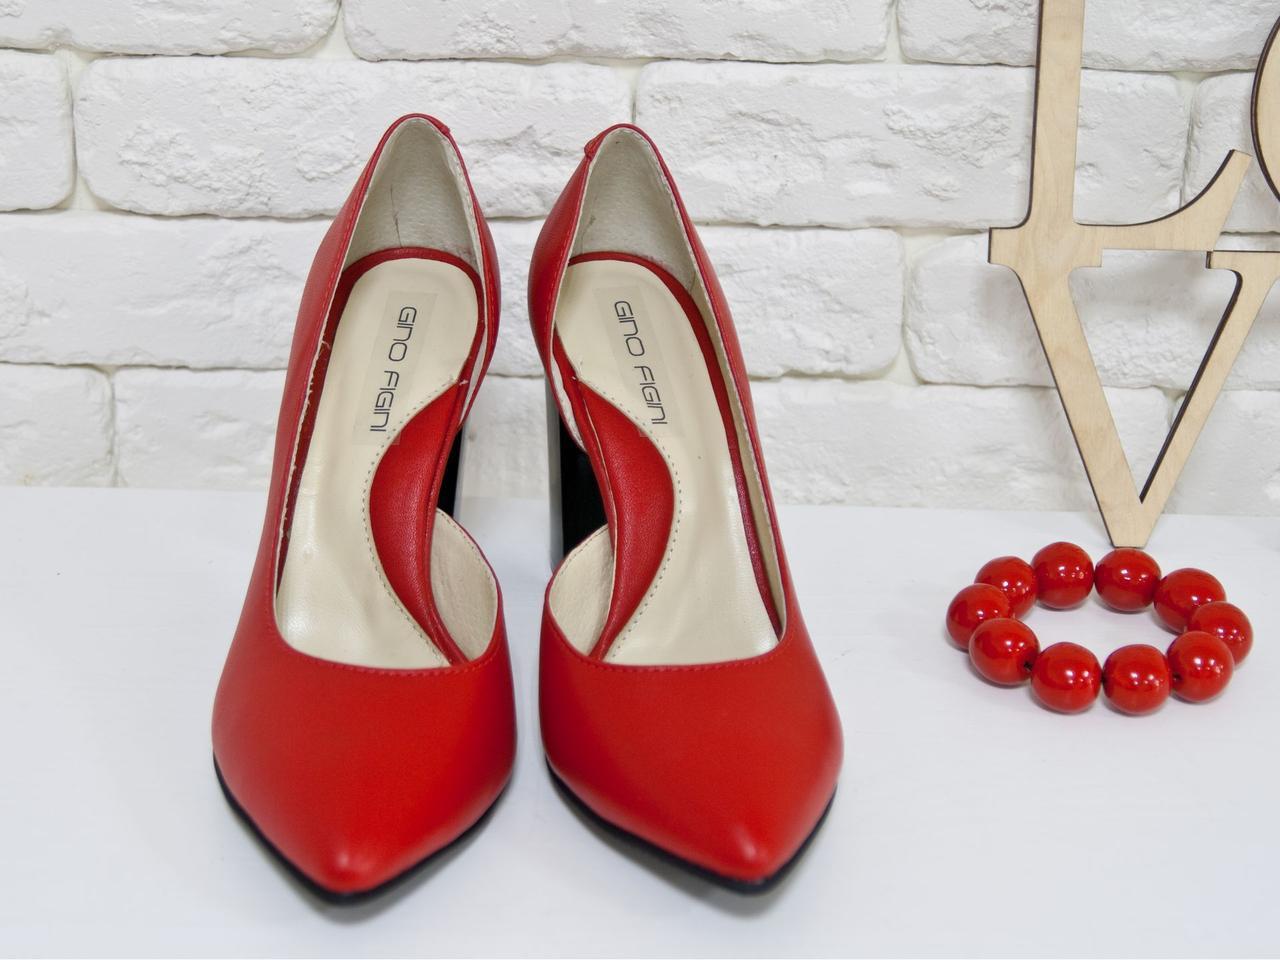 Туфли женские на устойчивом каблуке красного цвета. Итальянская кожа. Туфли Т-1701